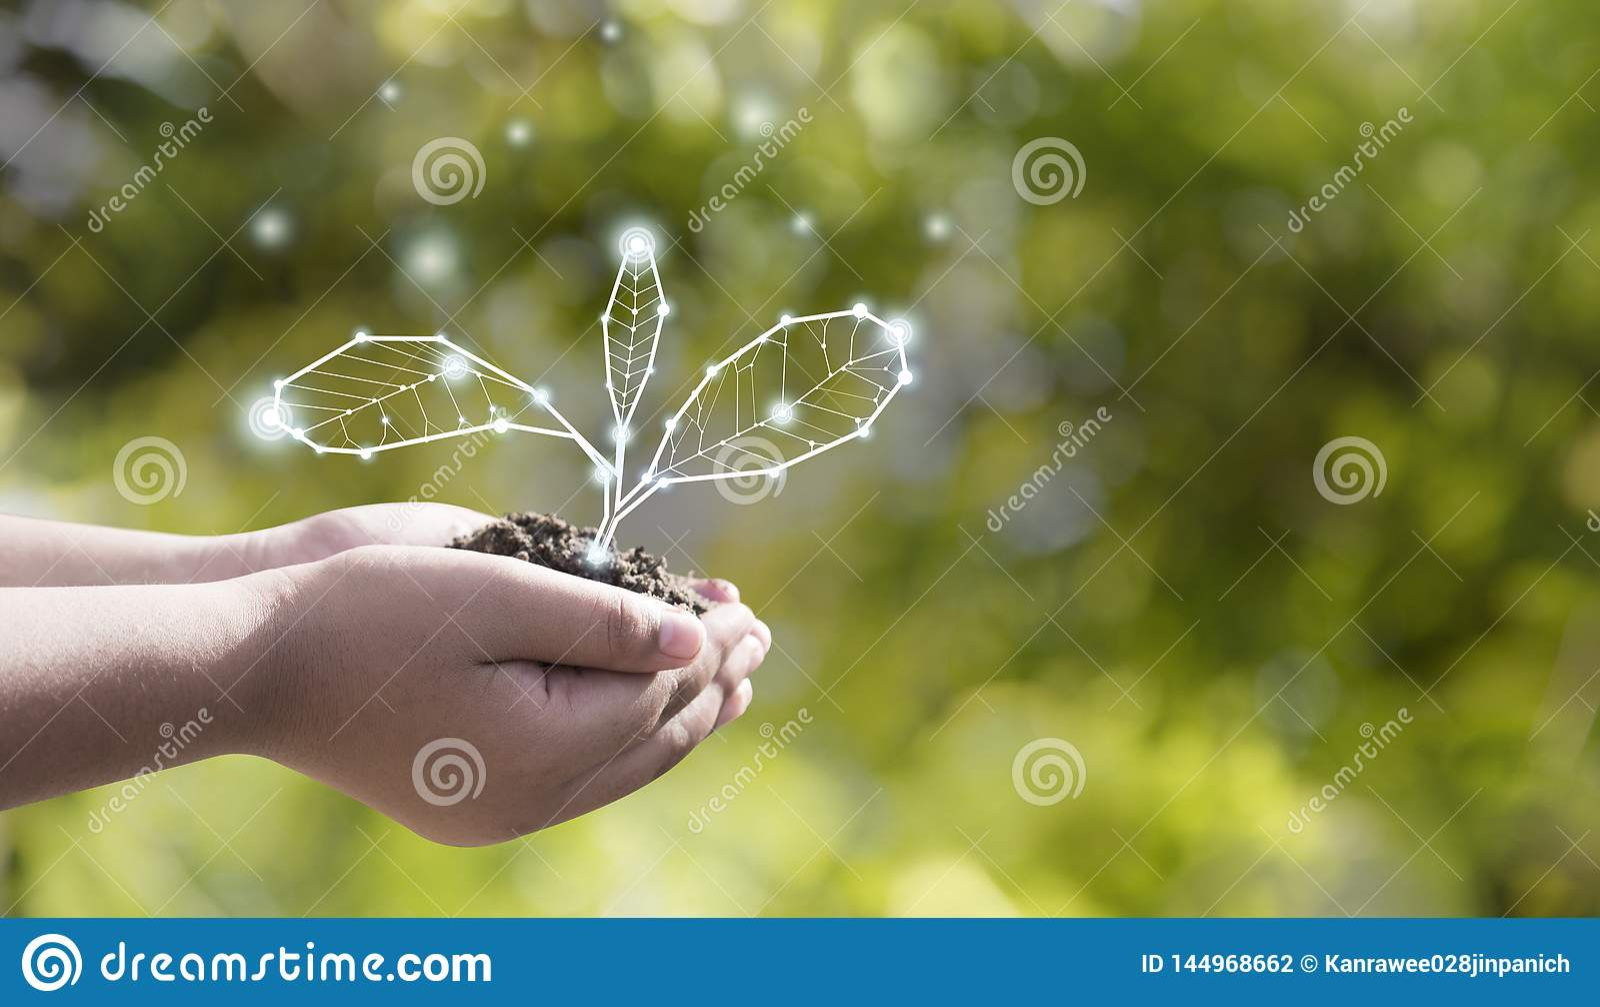 Η προστασία του περιβάλλοντος γήινης ημέρας είναι στα χέρια ενός δέντ